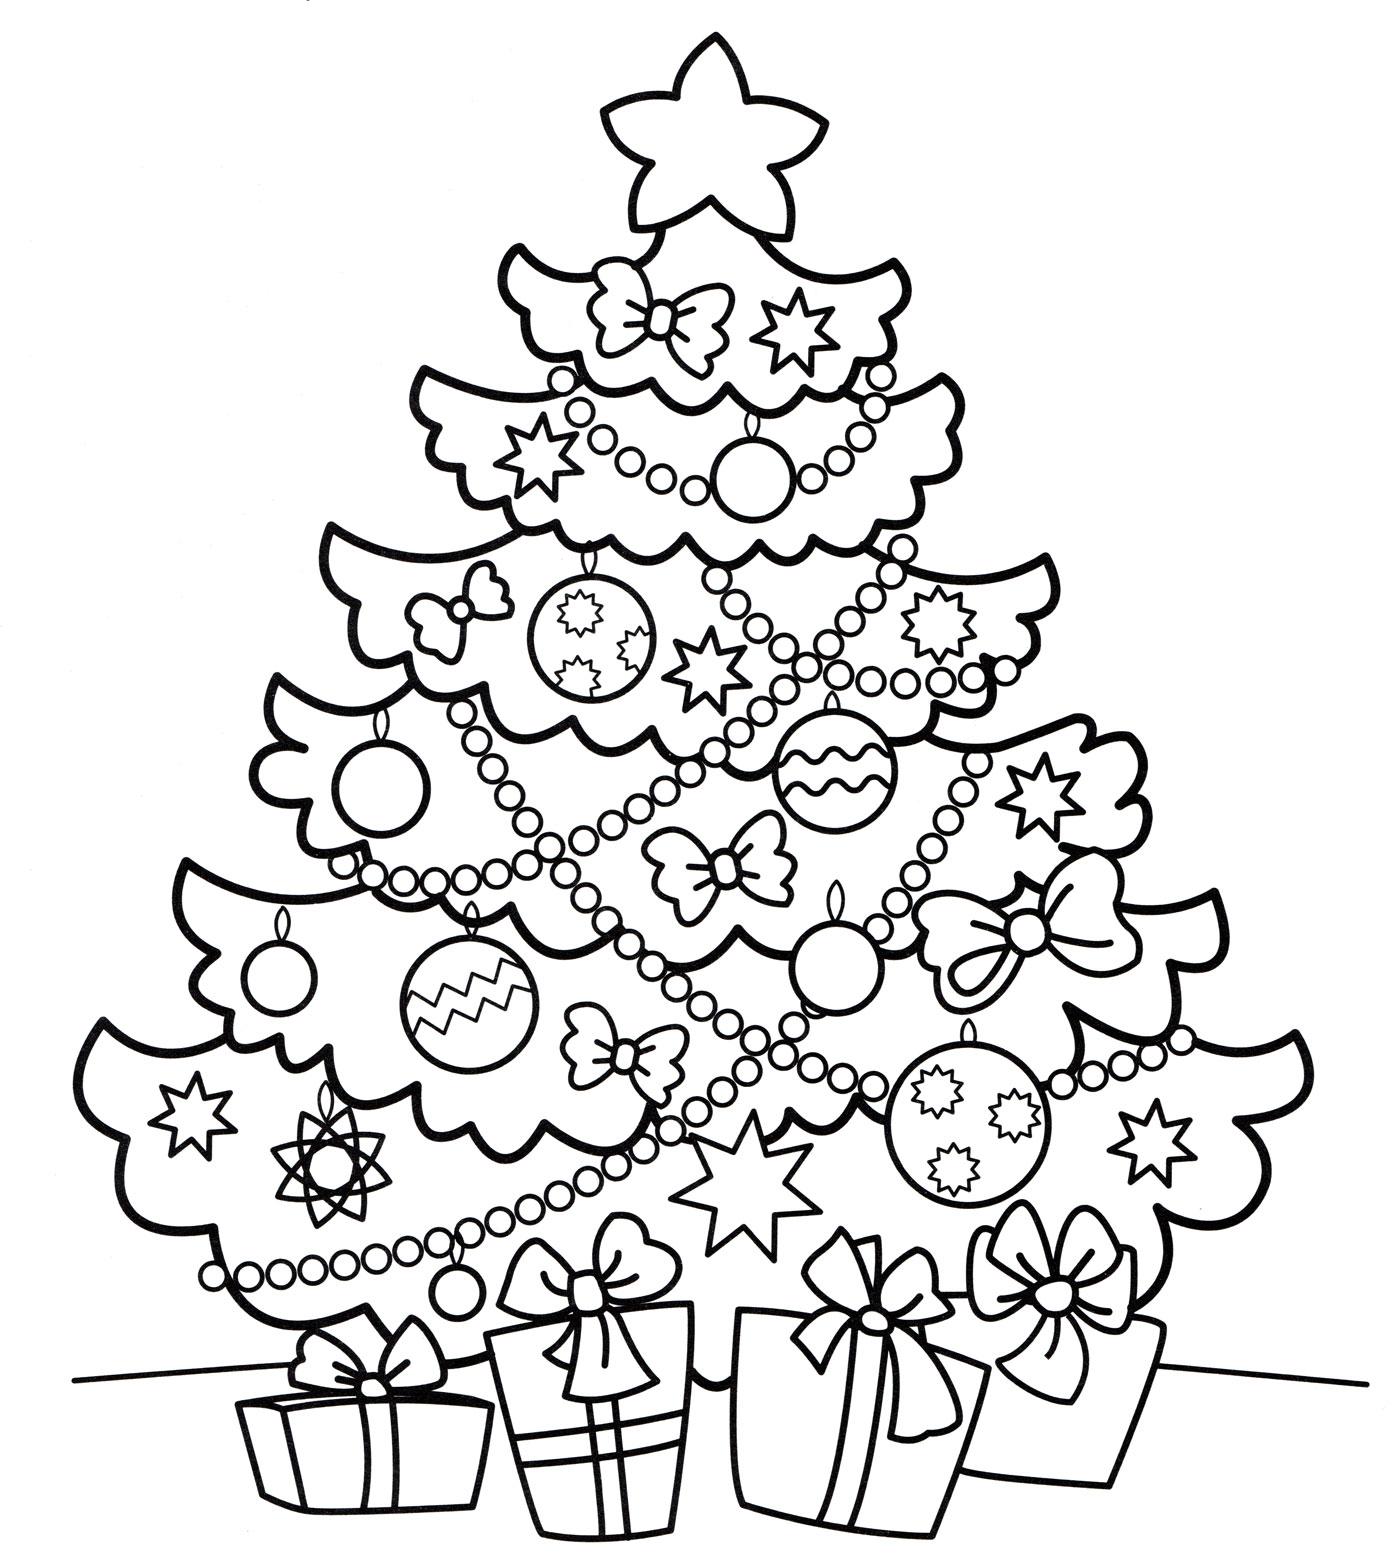 Раскраска Подарки под новогодней елкой - распечатать бесплатно